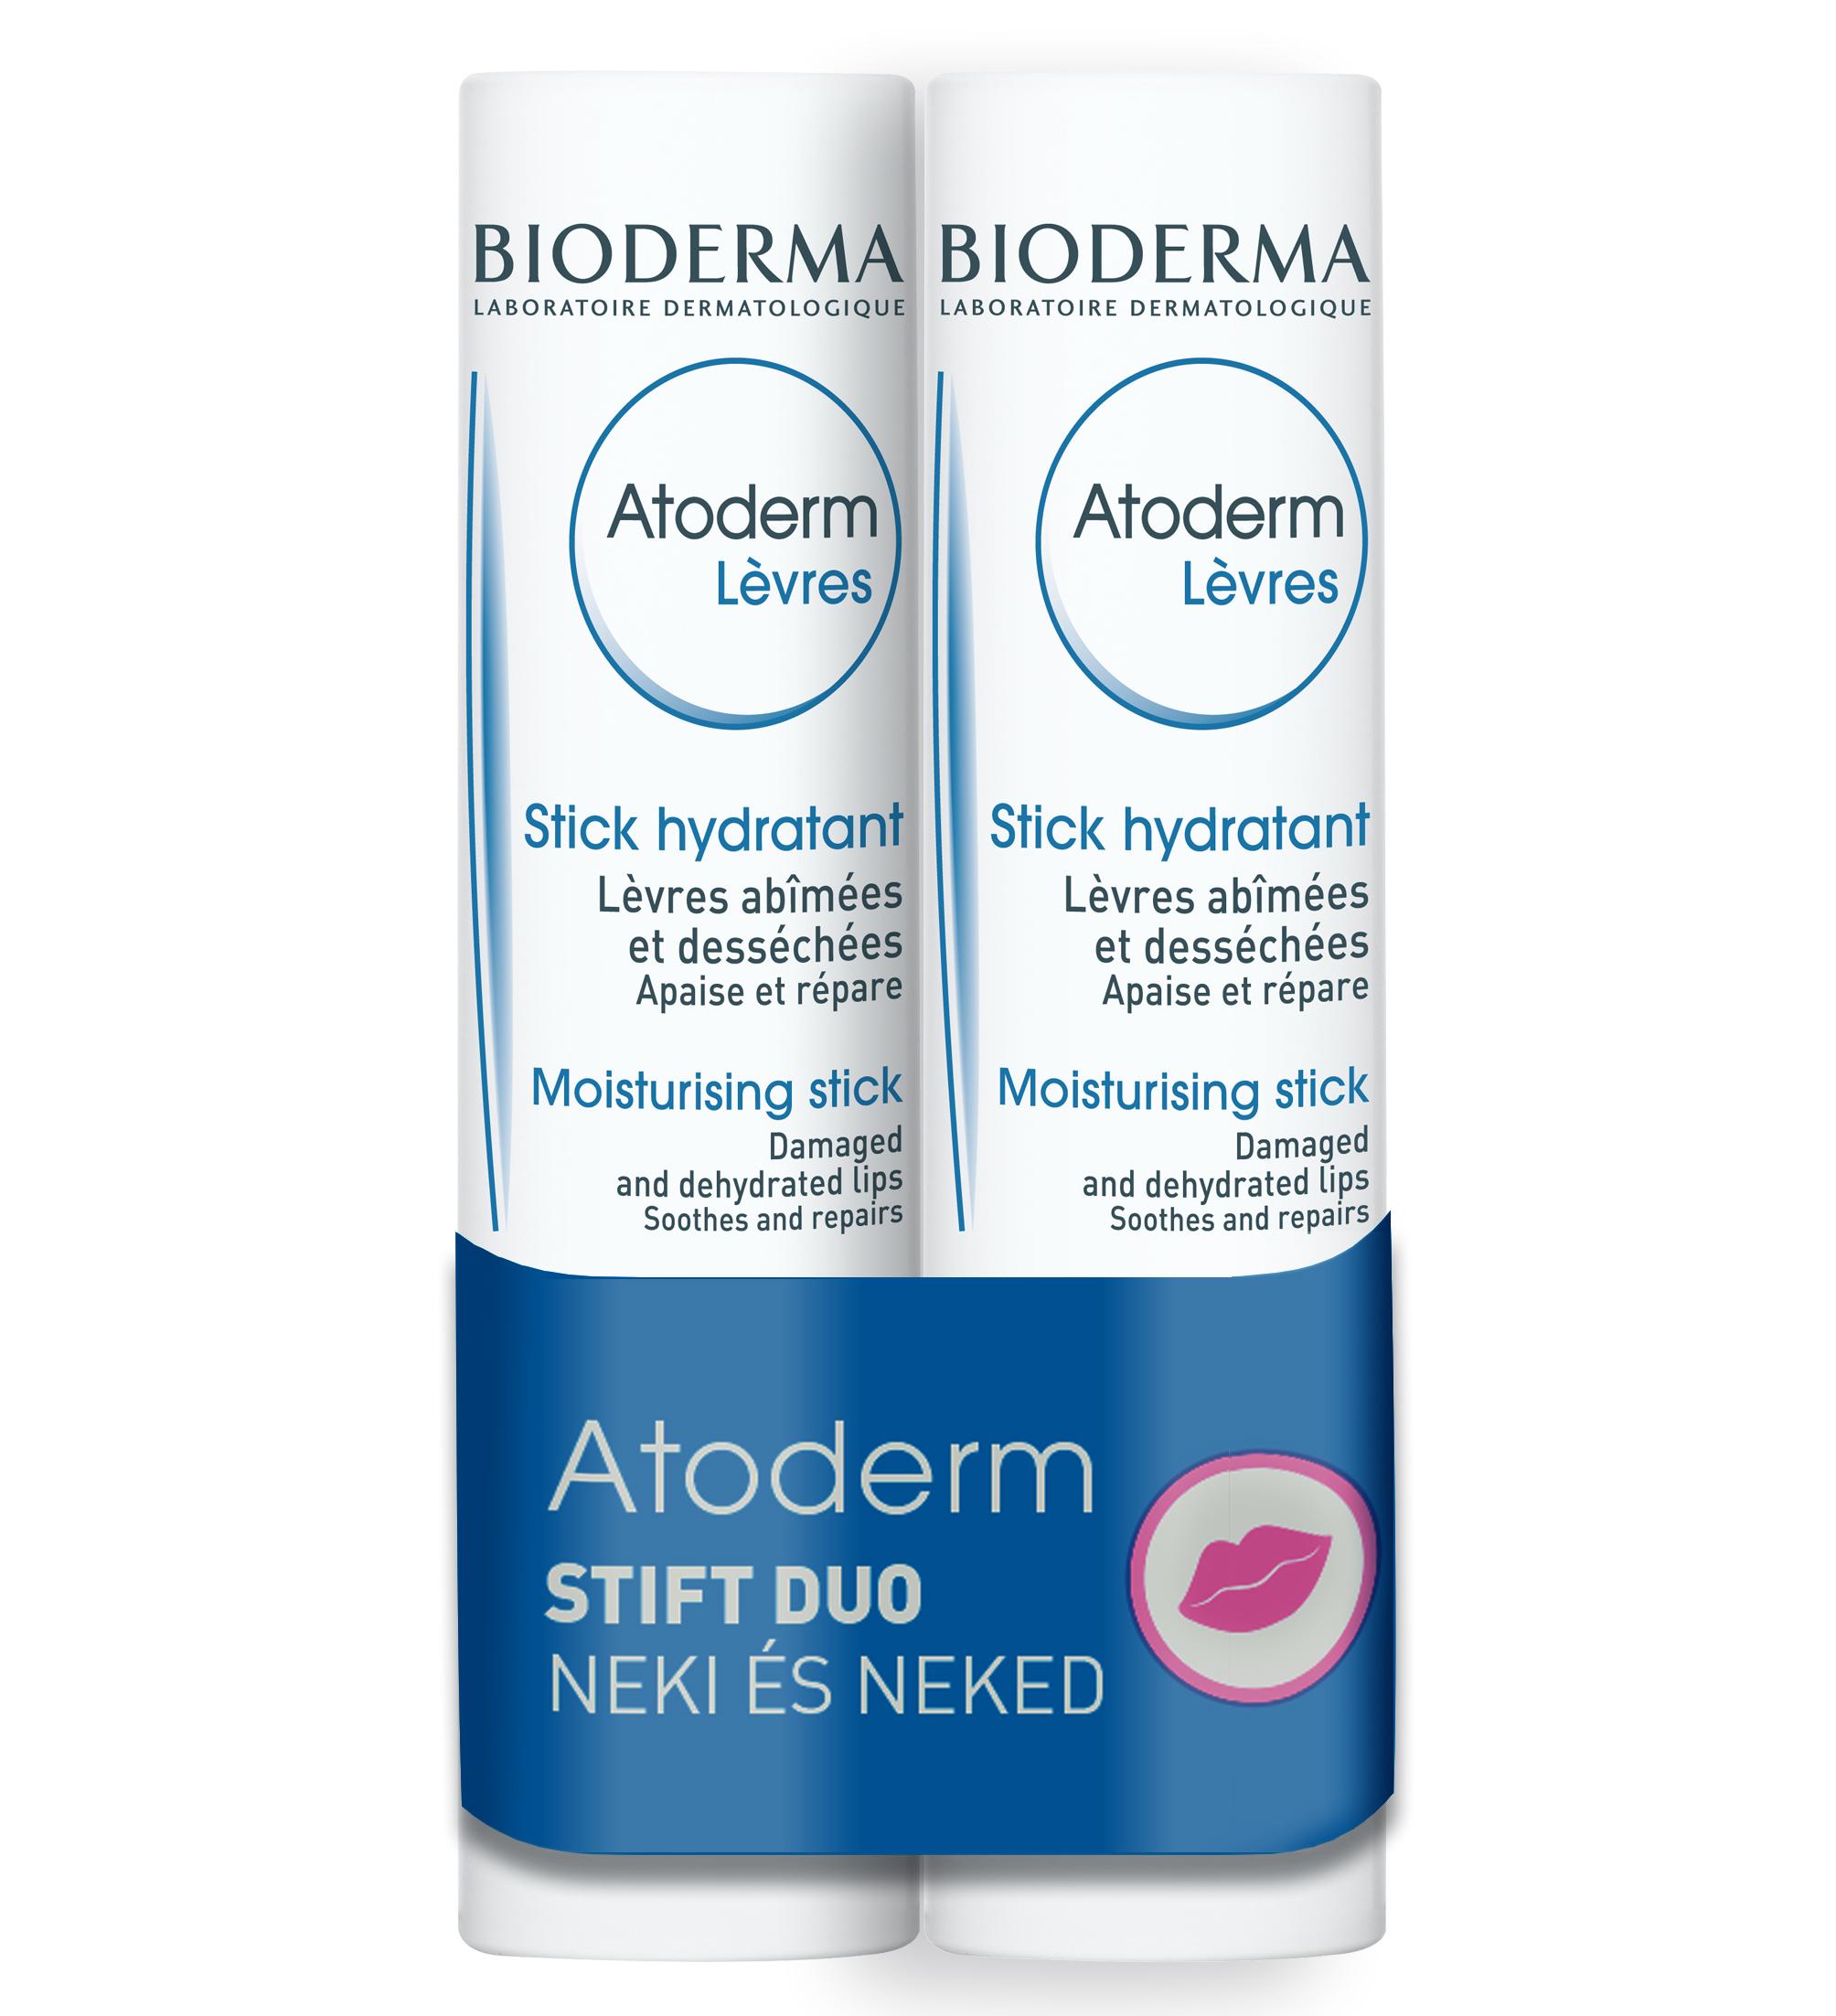 Bioderma Atoderm stick 3D